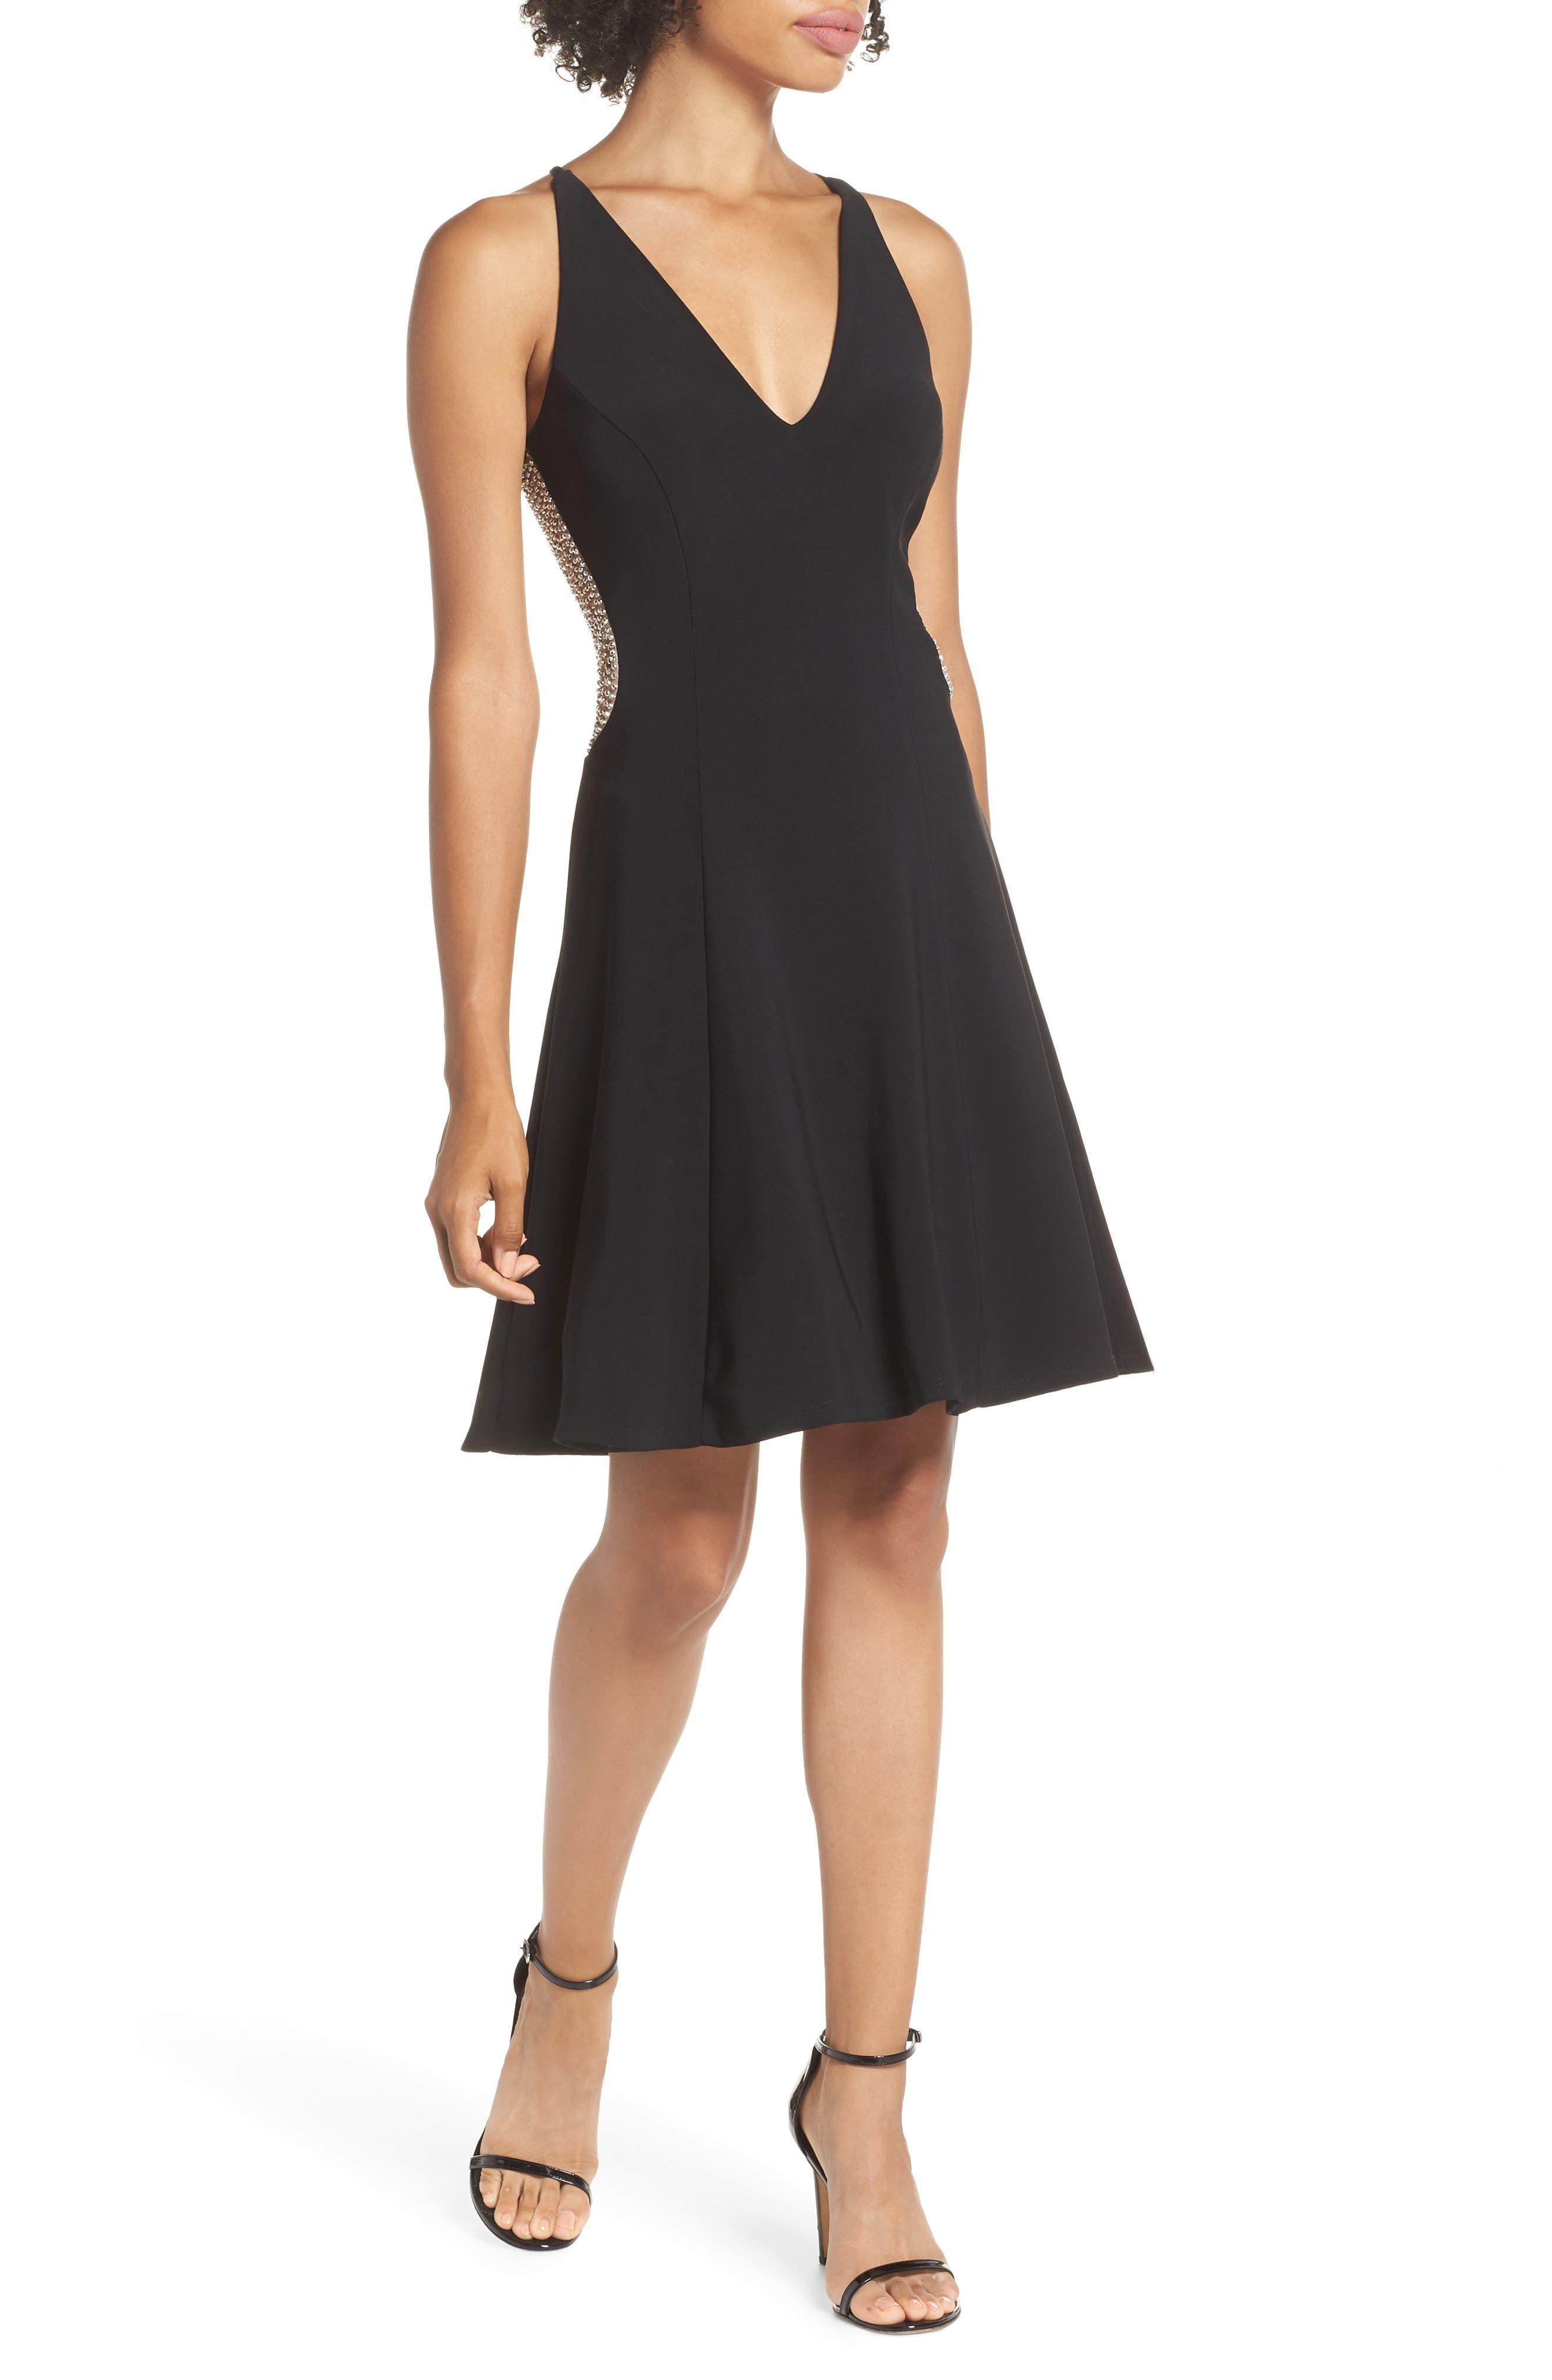 Xscape Dresses Black